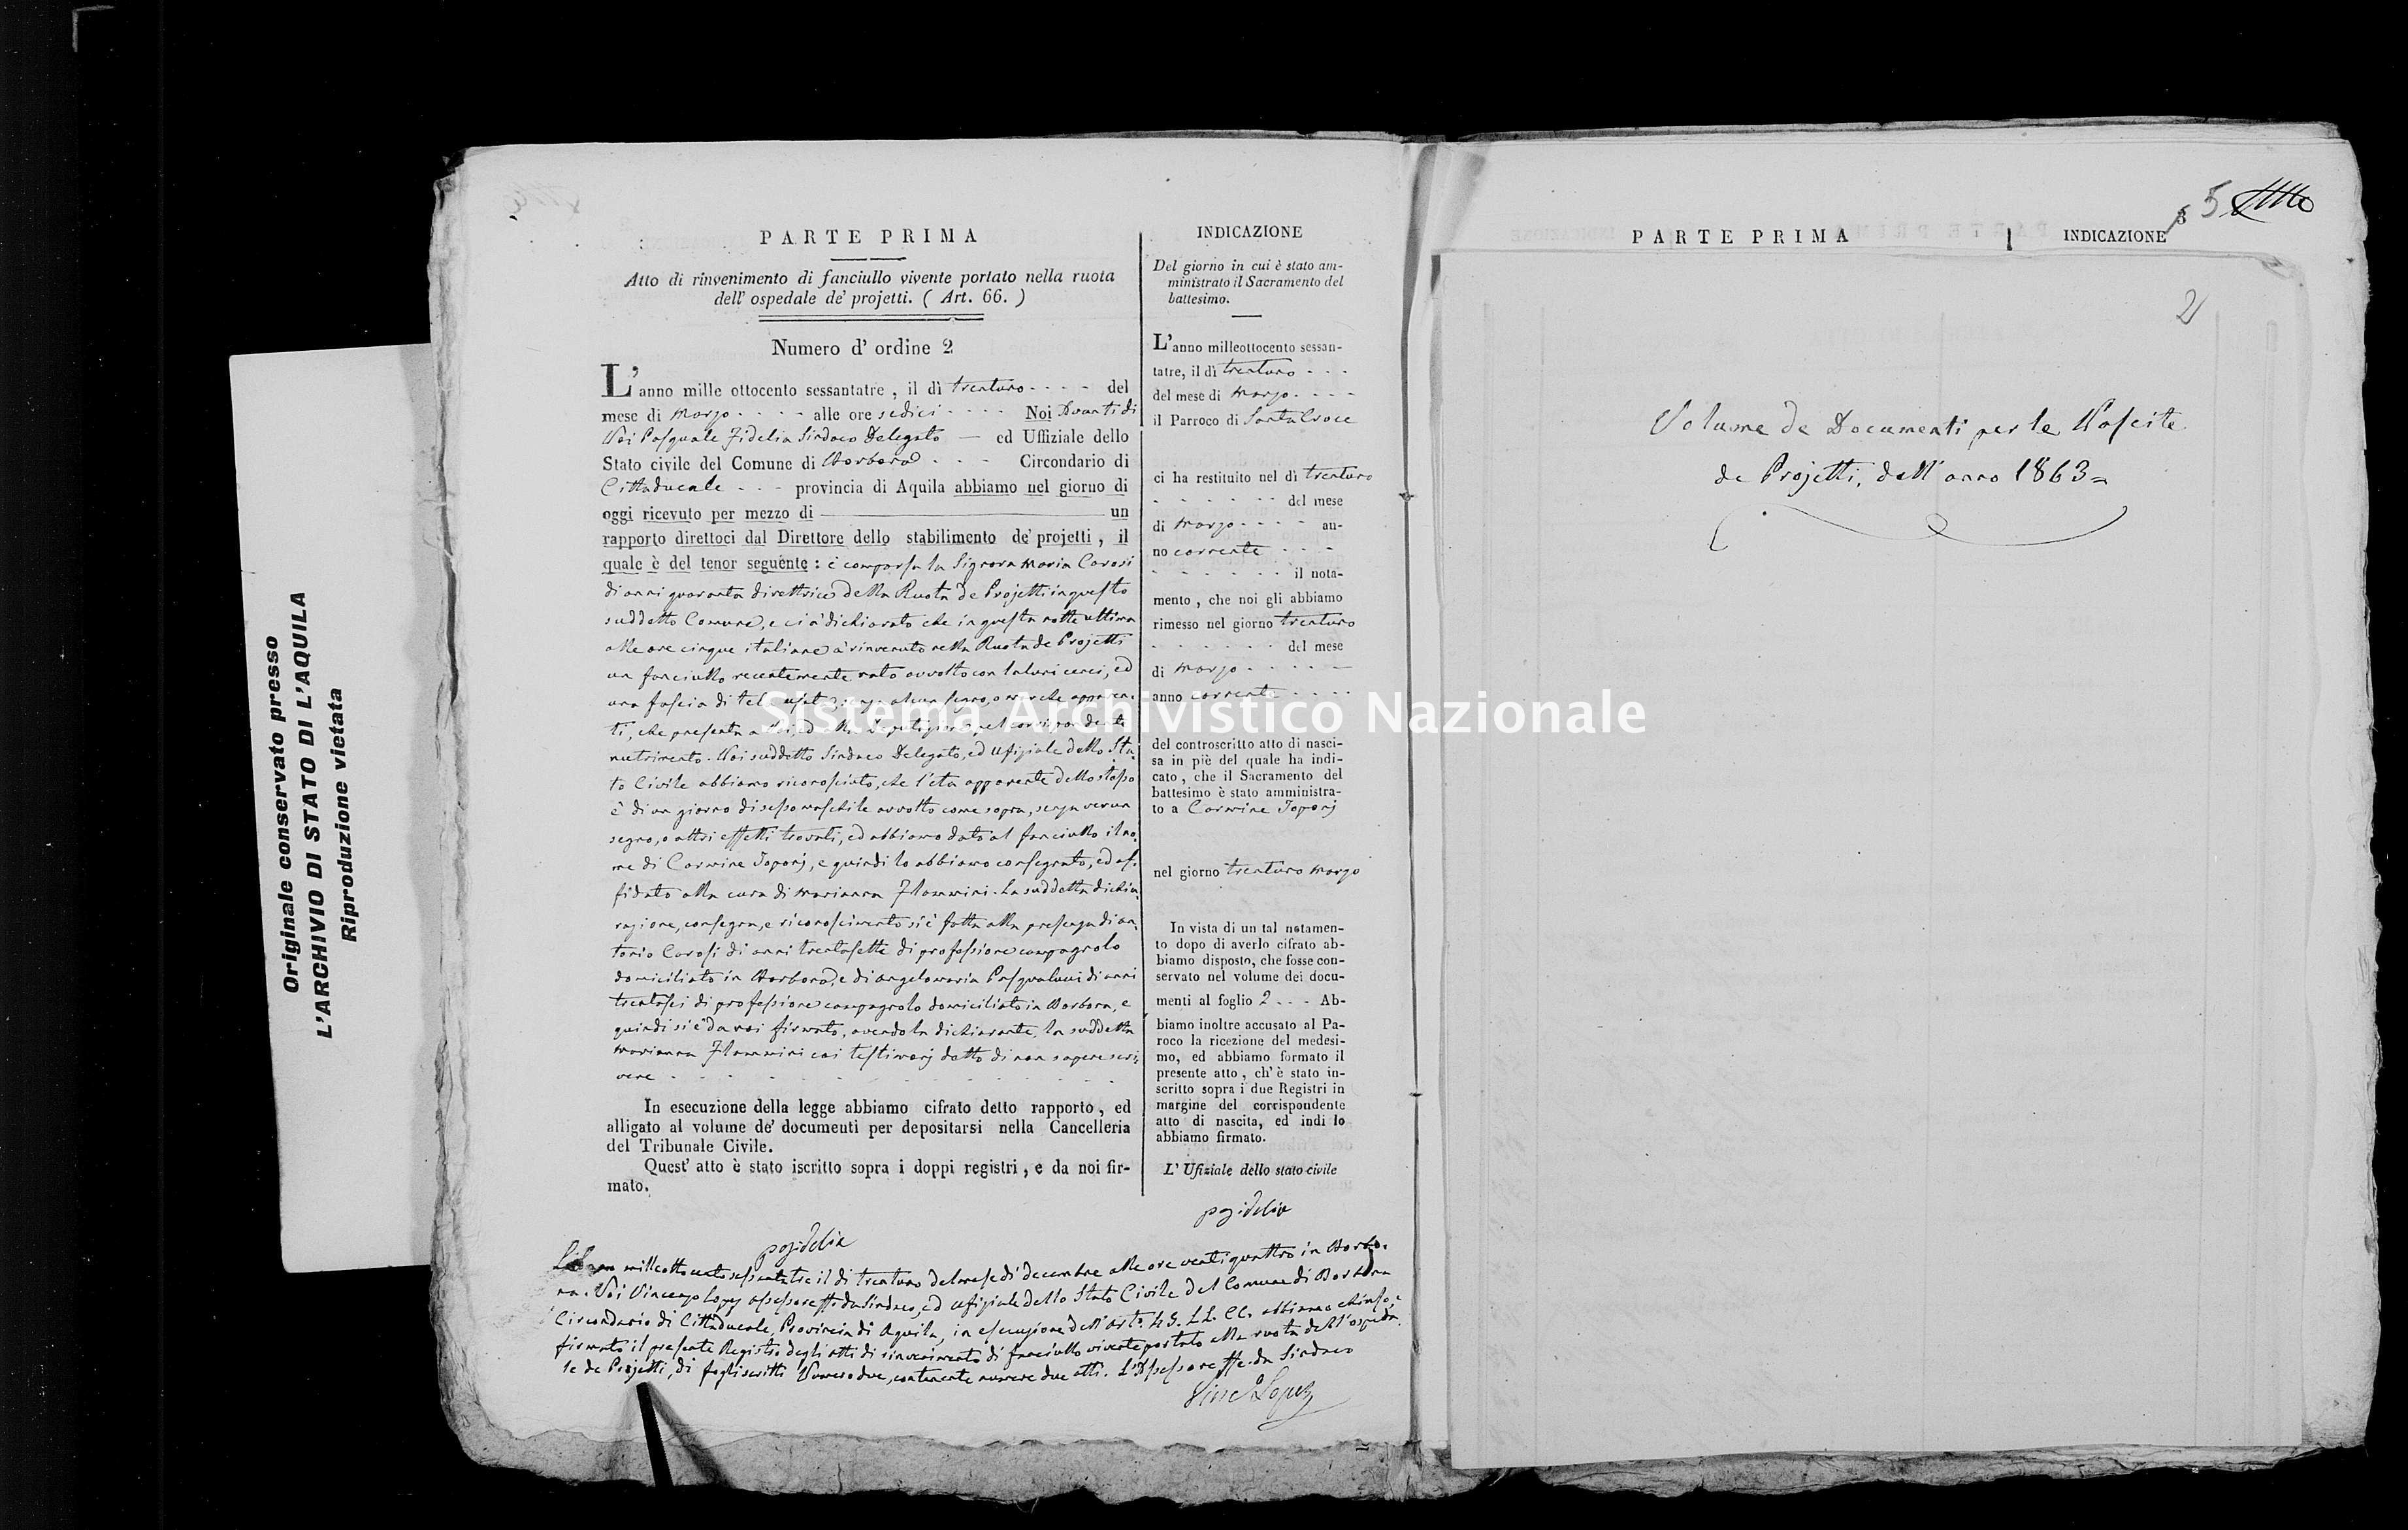 Archivio di stato di L'aquila - Stato civile italiano - Borbona - Nati, battesimi esposti - 1863 - 777 -